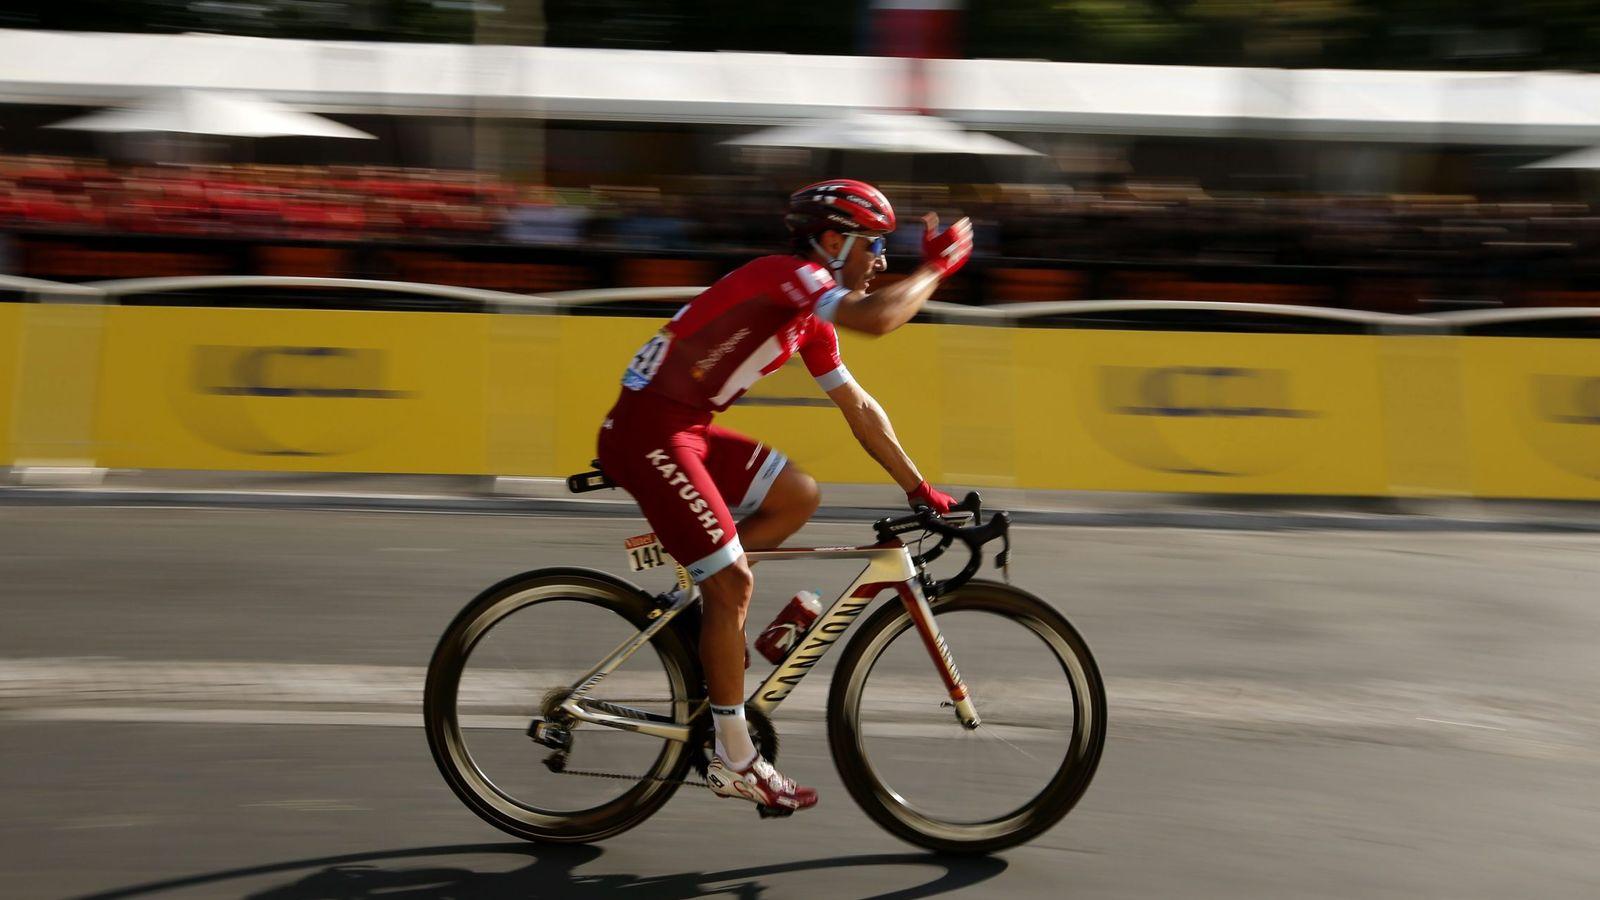 Foto: Purito alargará un año su carrera (Yoan Valat/EFE-EPA)